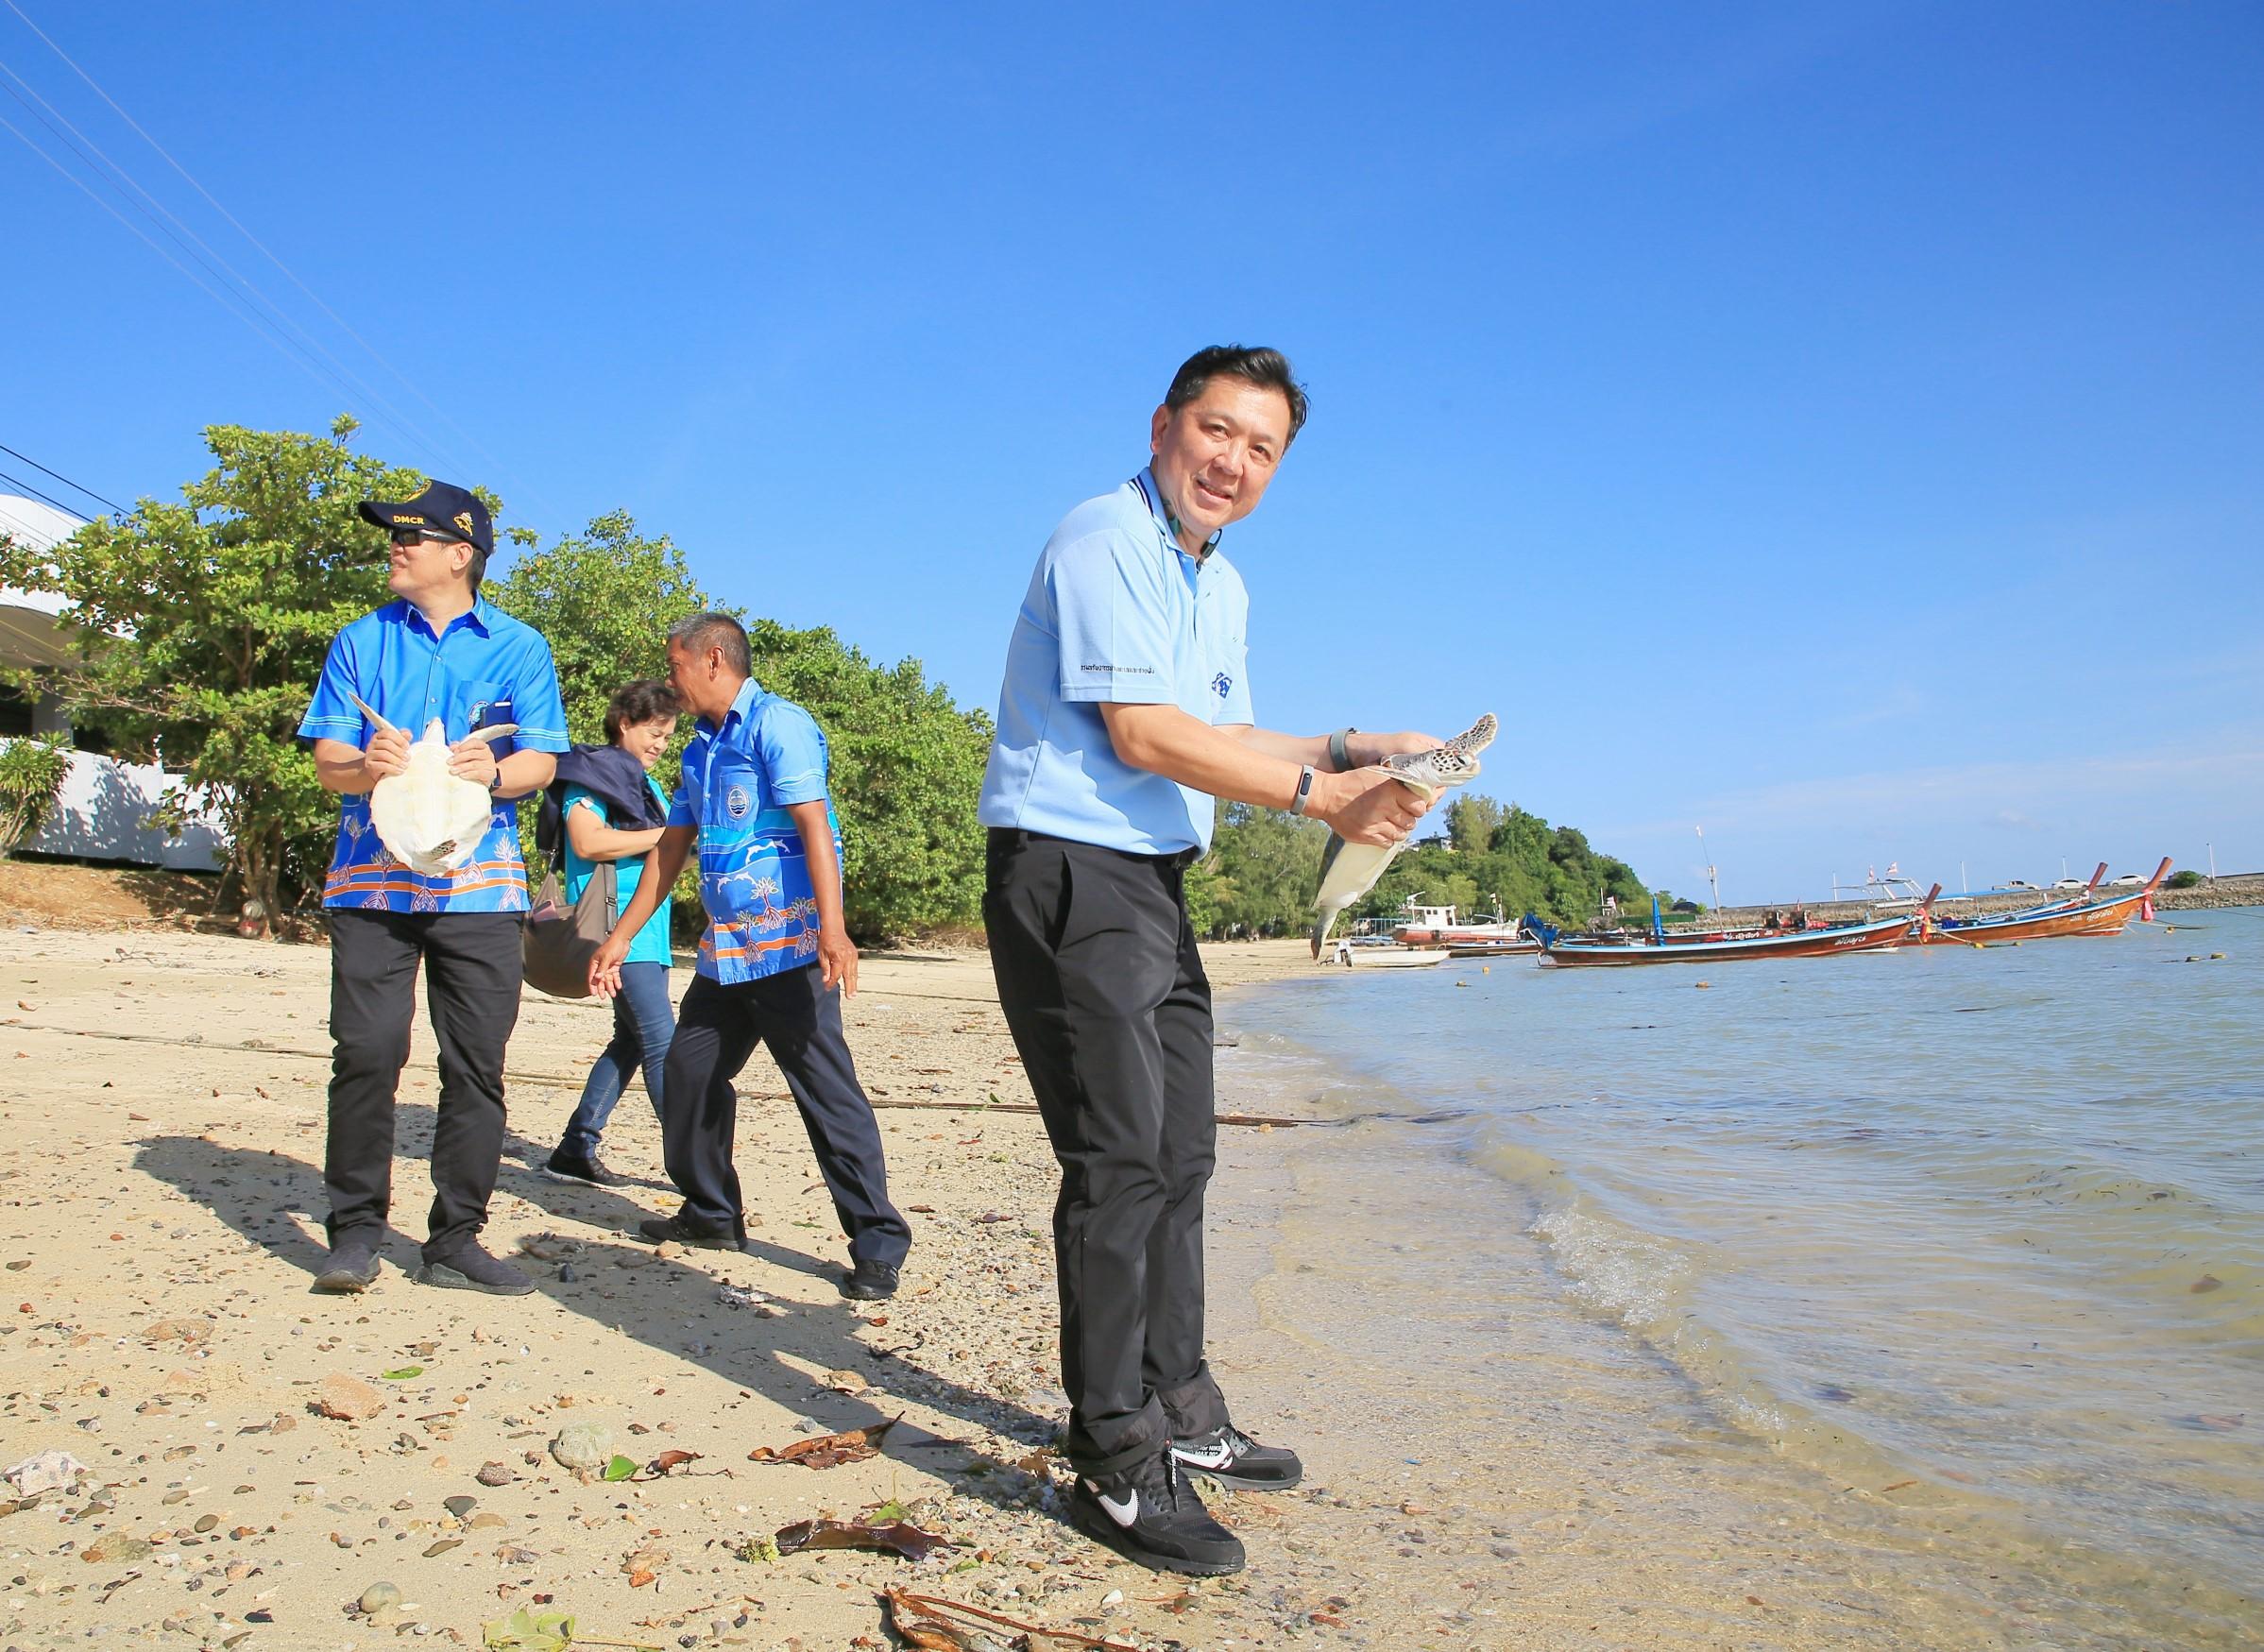 ทช.จัดกิจกรรมปล่อยเต่าทะเล เนื่องในวันแม่แห่งชาติ